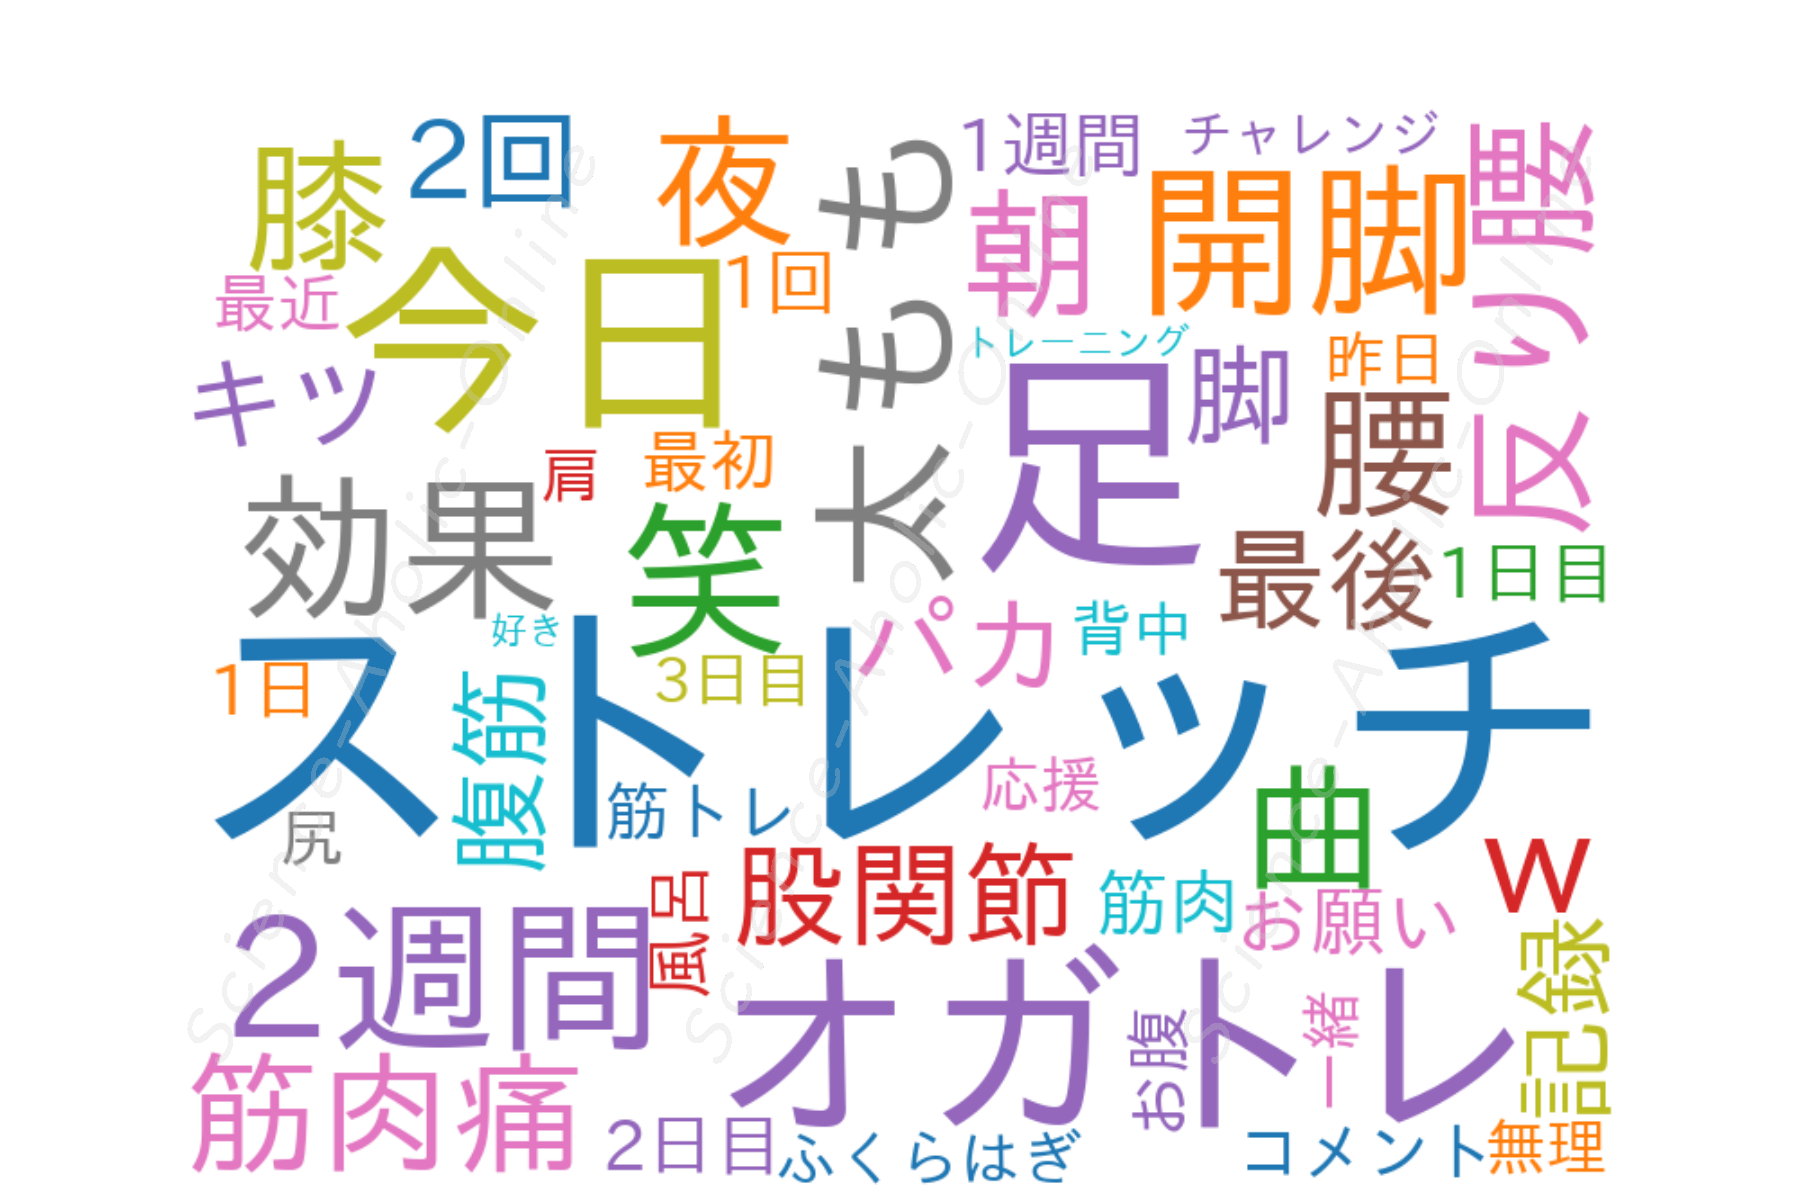 wordcloud_オガトレ